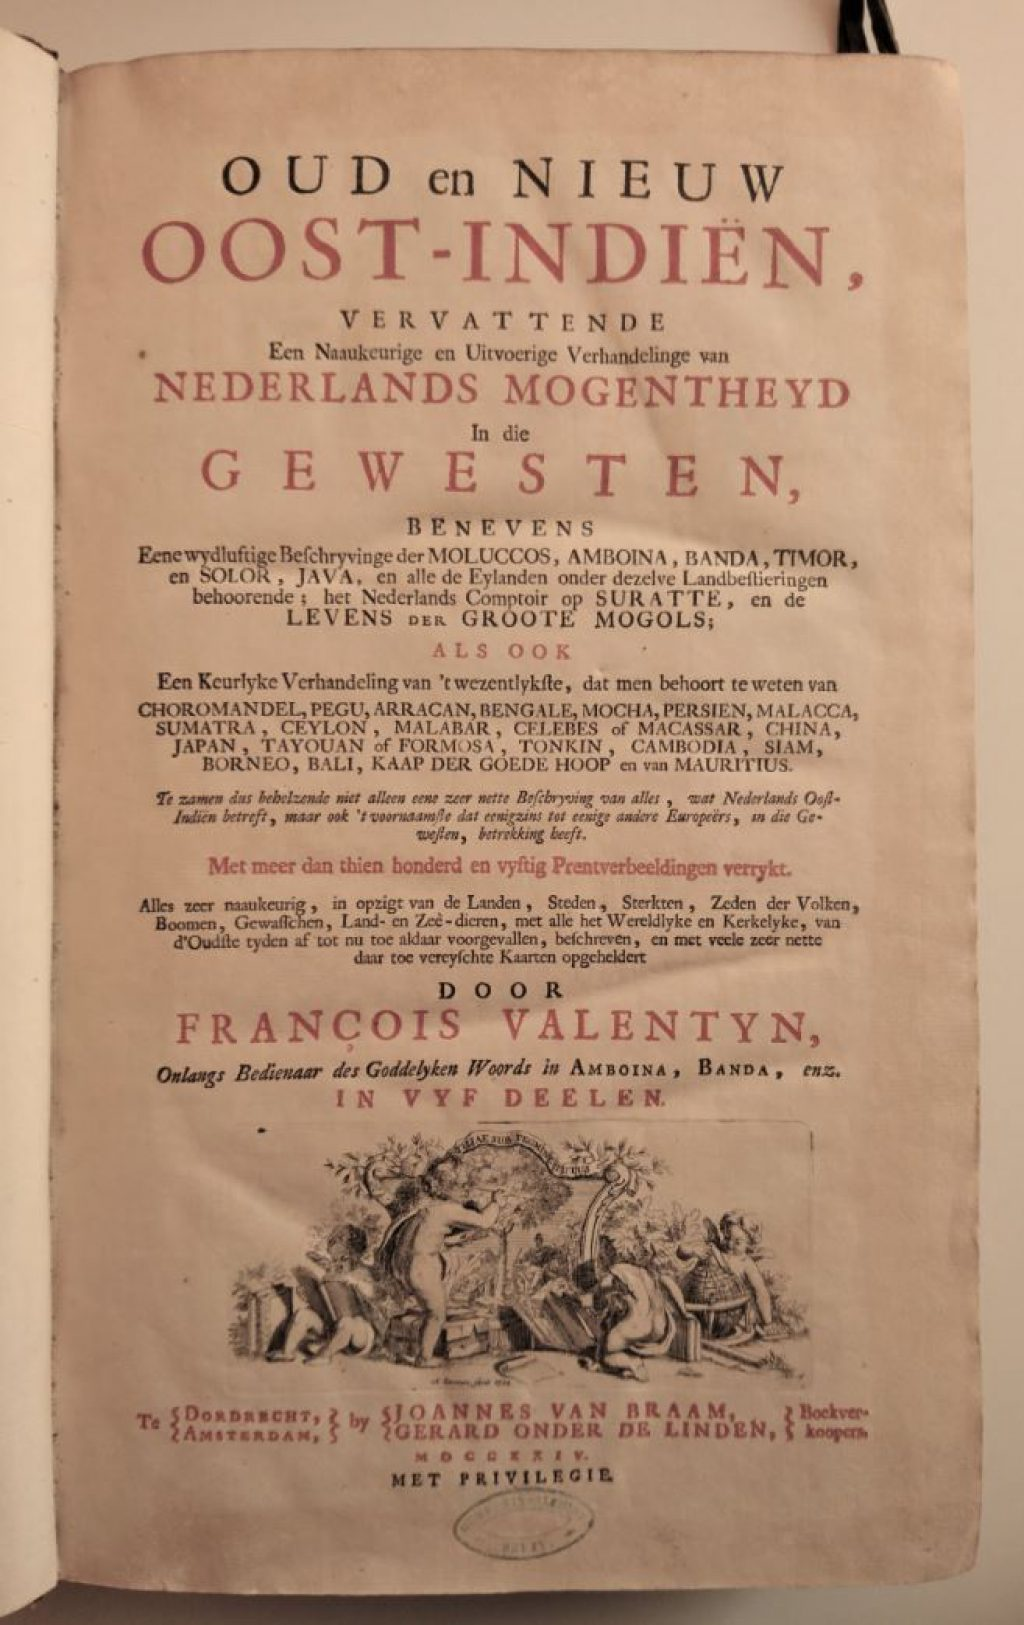 Titelpagina van Oud en Nieuw Oost-Indiën van François Valentijn. (Bibliotheek)